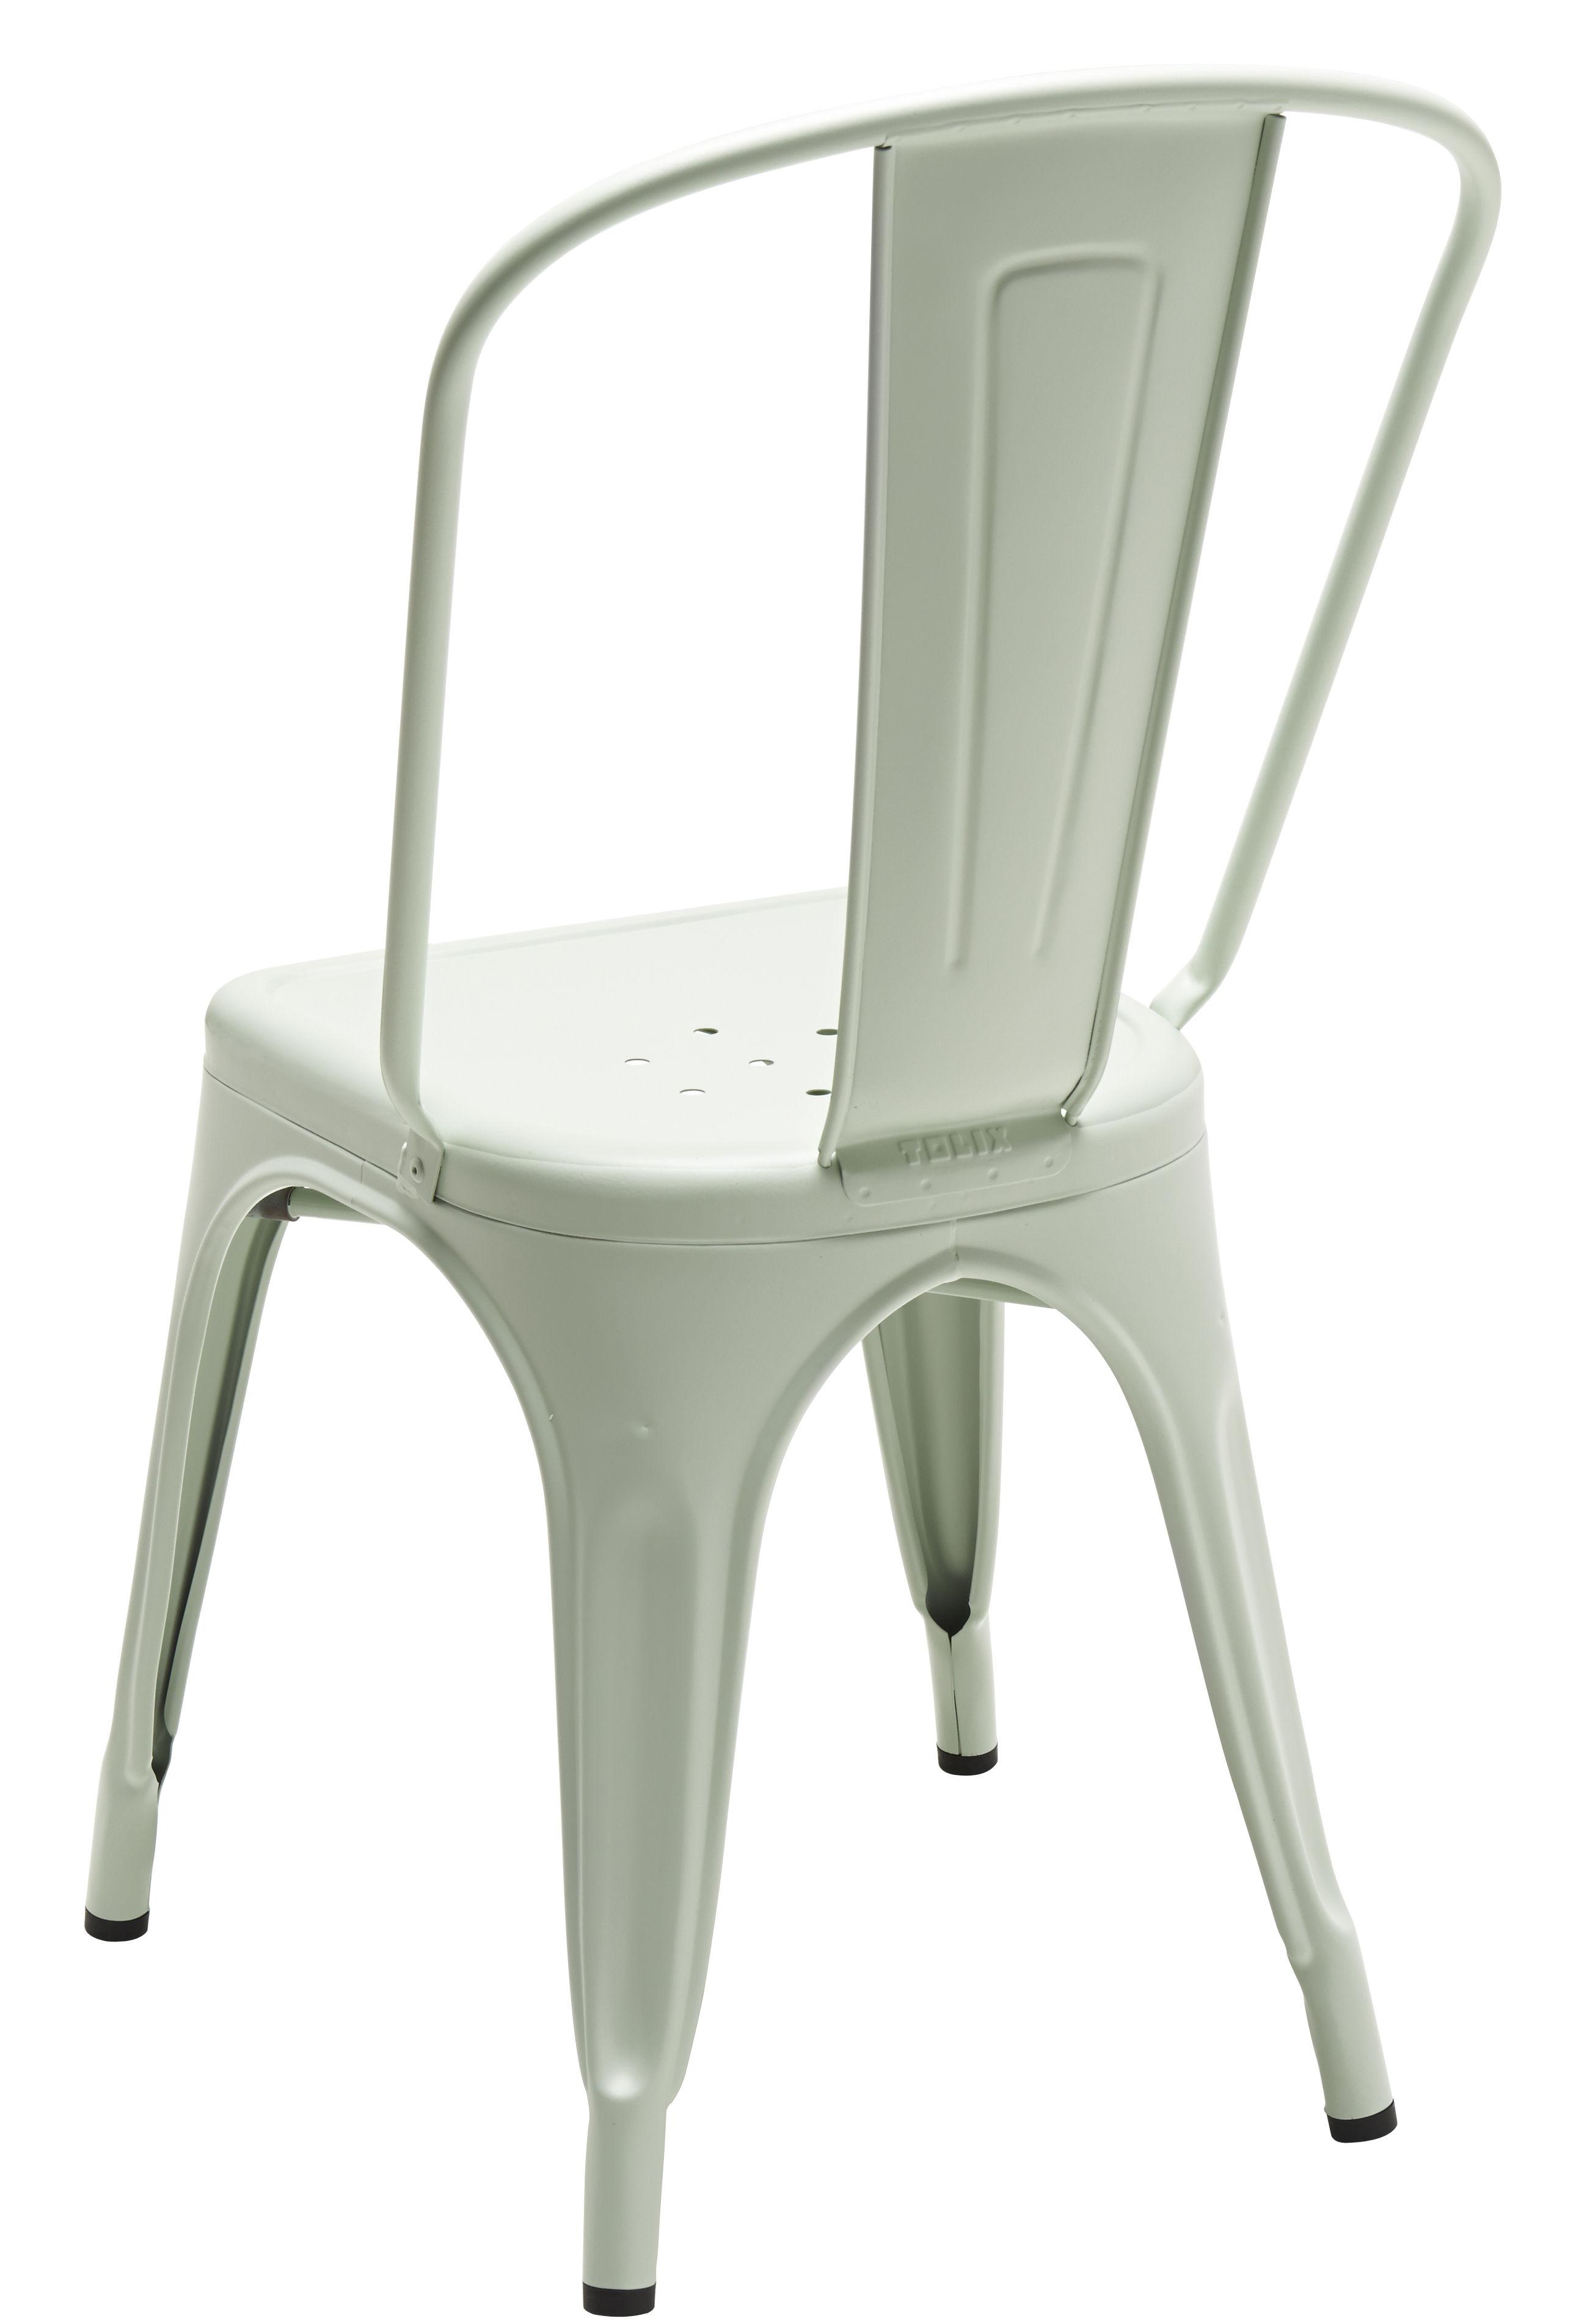 Scopri sedia a colore opaco les couleurs le corbusier verde inglese pallido di tolix - Sedia le corbusier ...